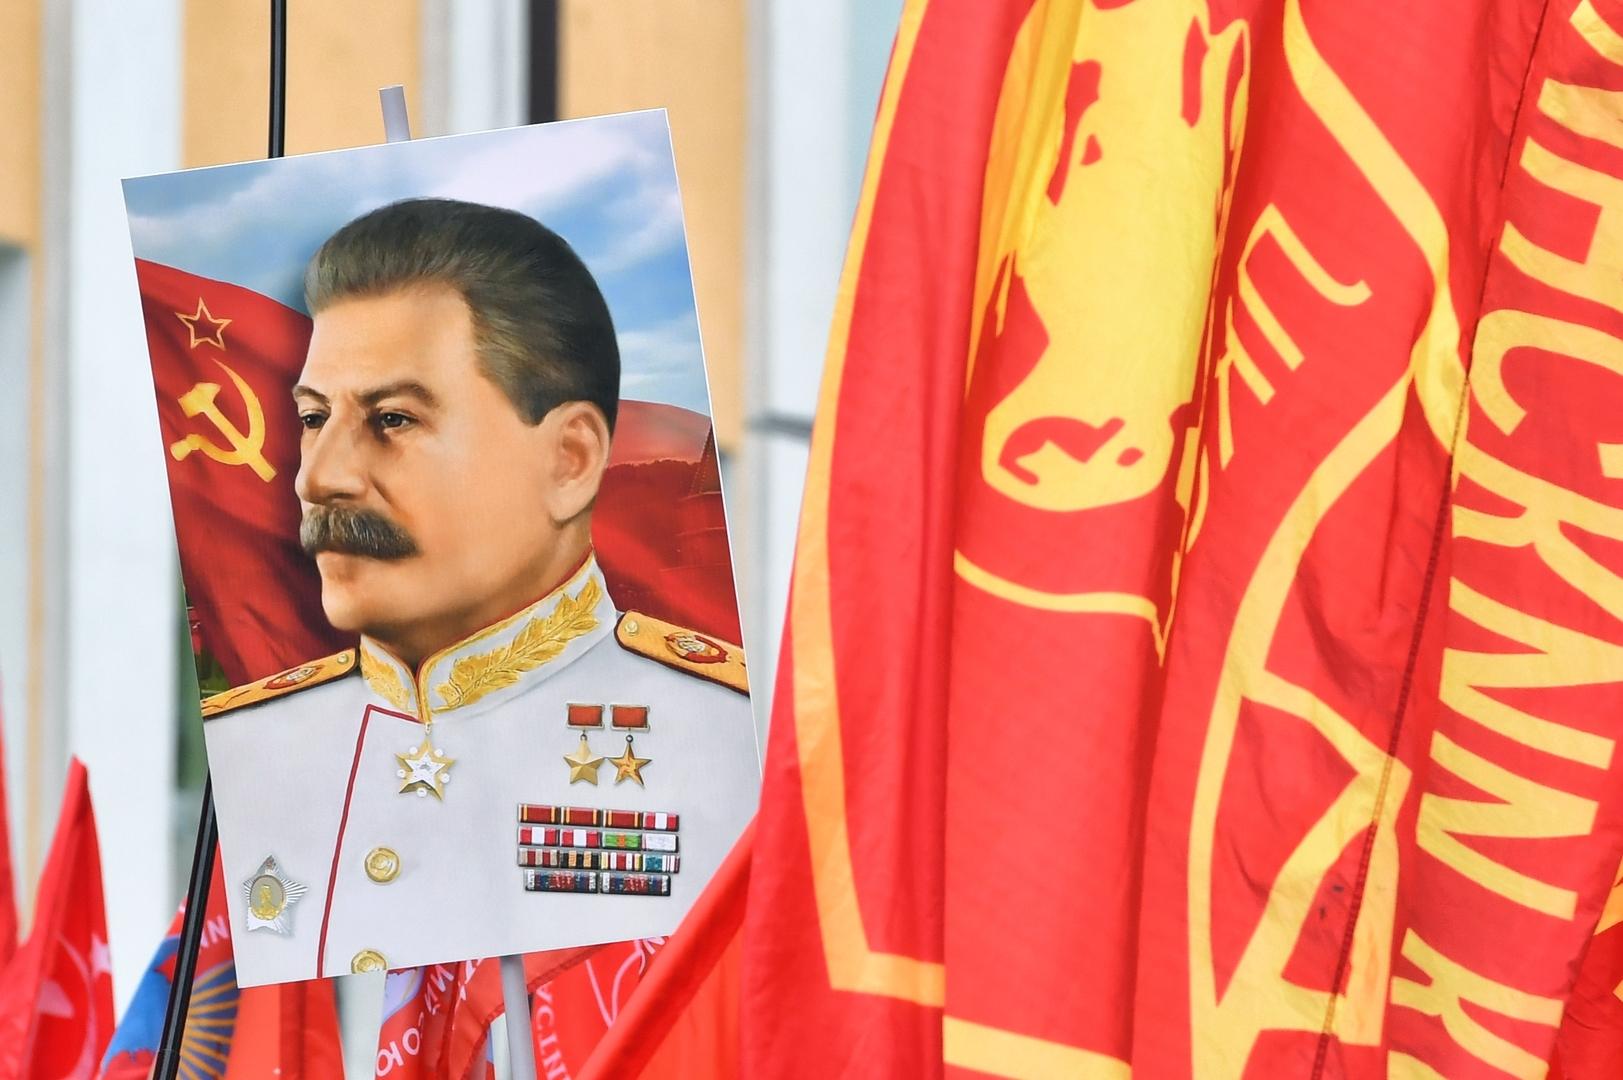 سلطات كييف تعين محاميا للدفاع عن ستالين في قضية ترحيل تتار القرم